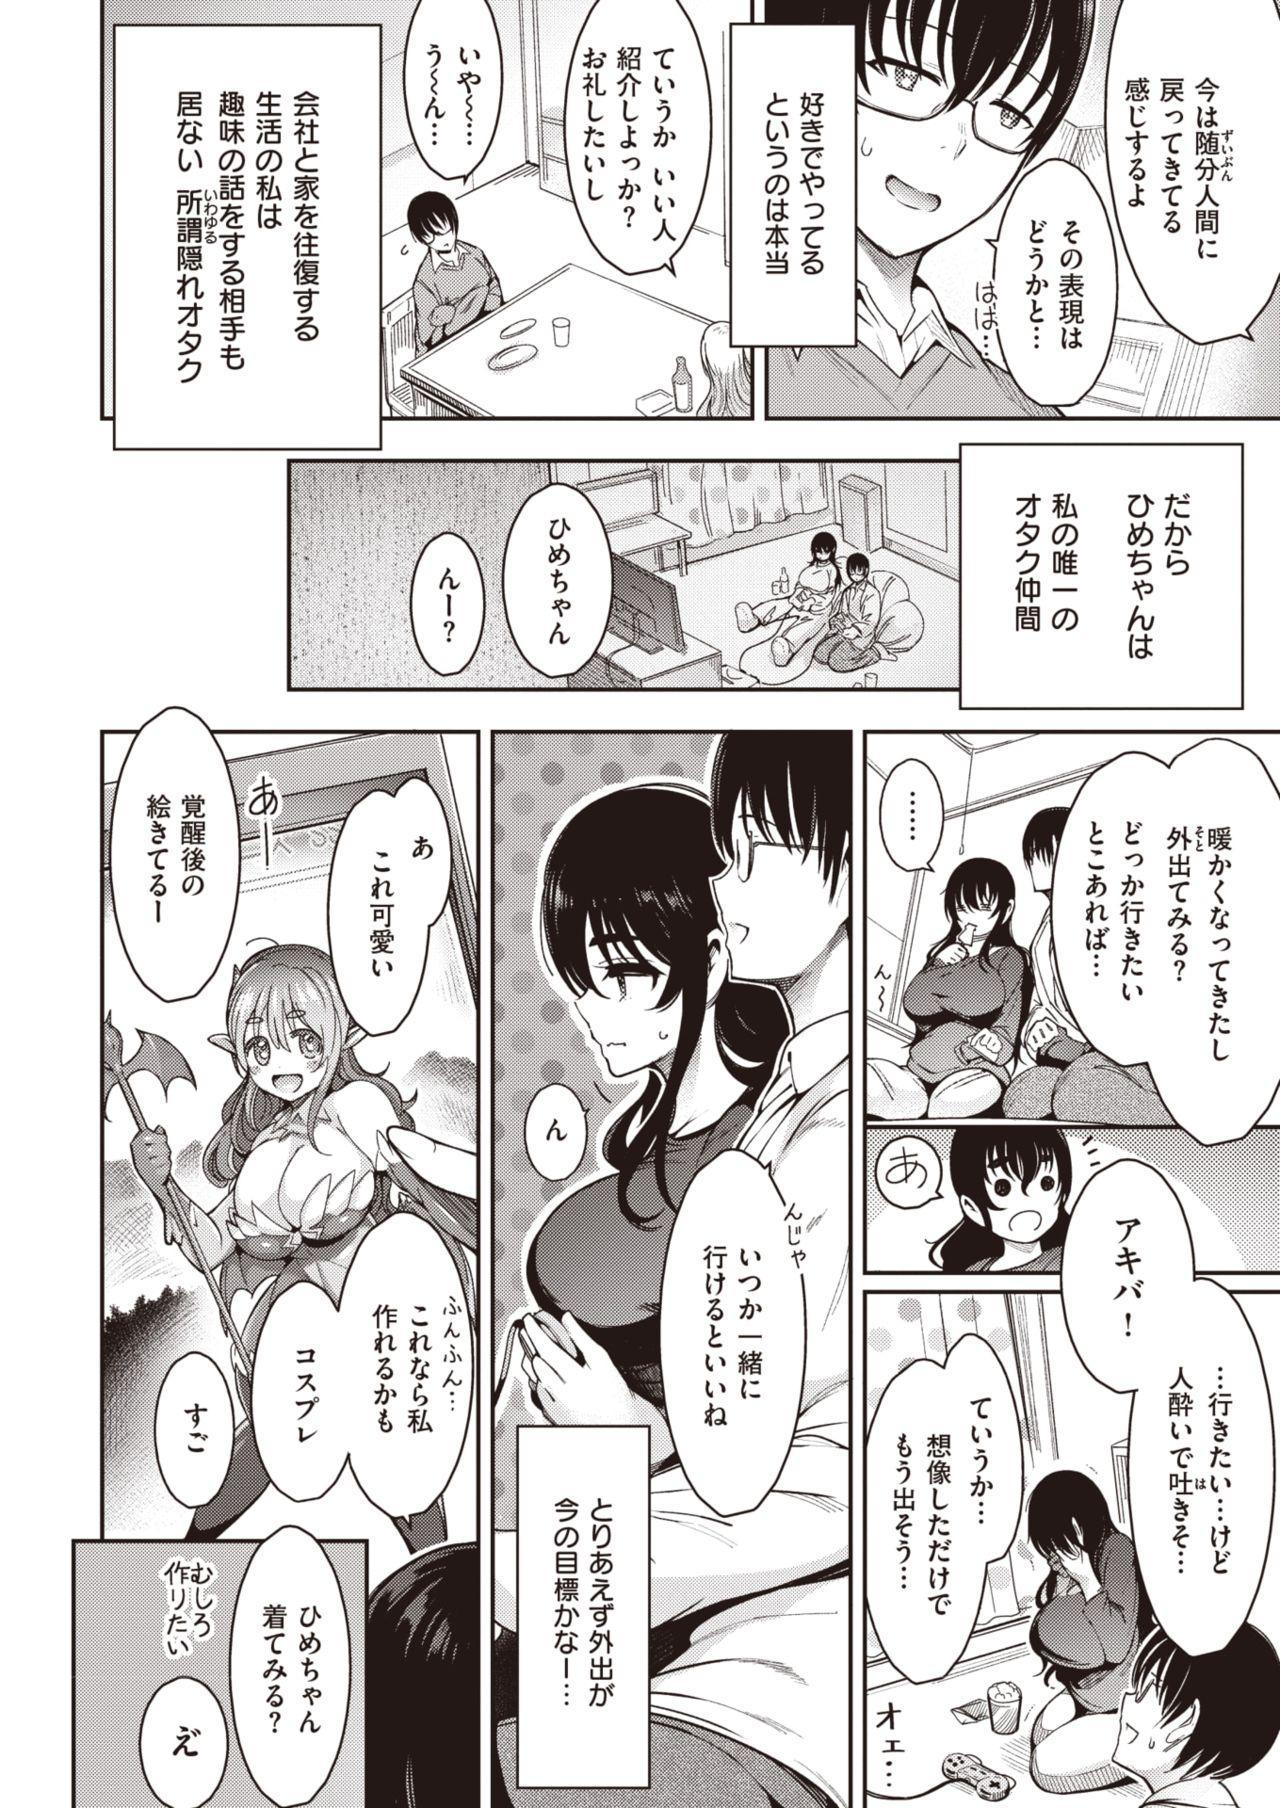 COMIC Kairakuten 25 Shuunen kinen tokubetsugou 413